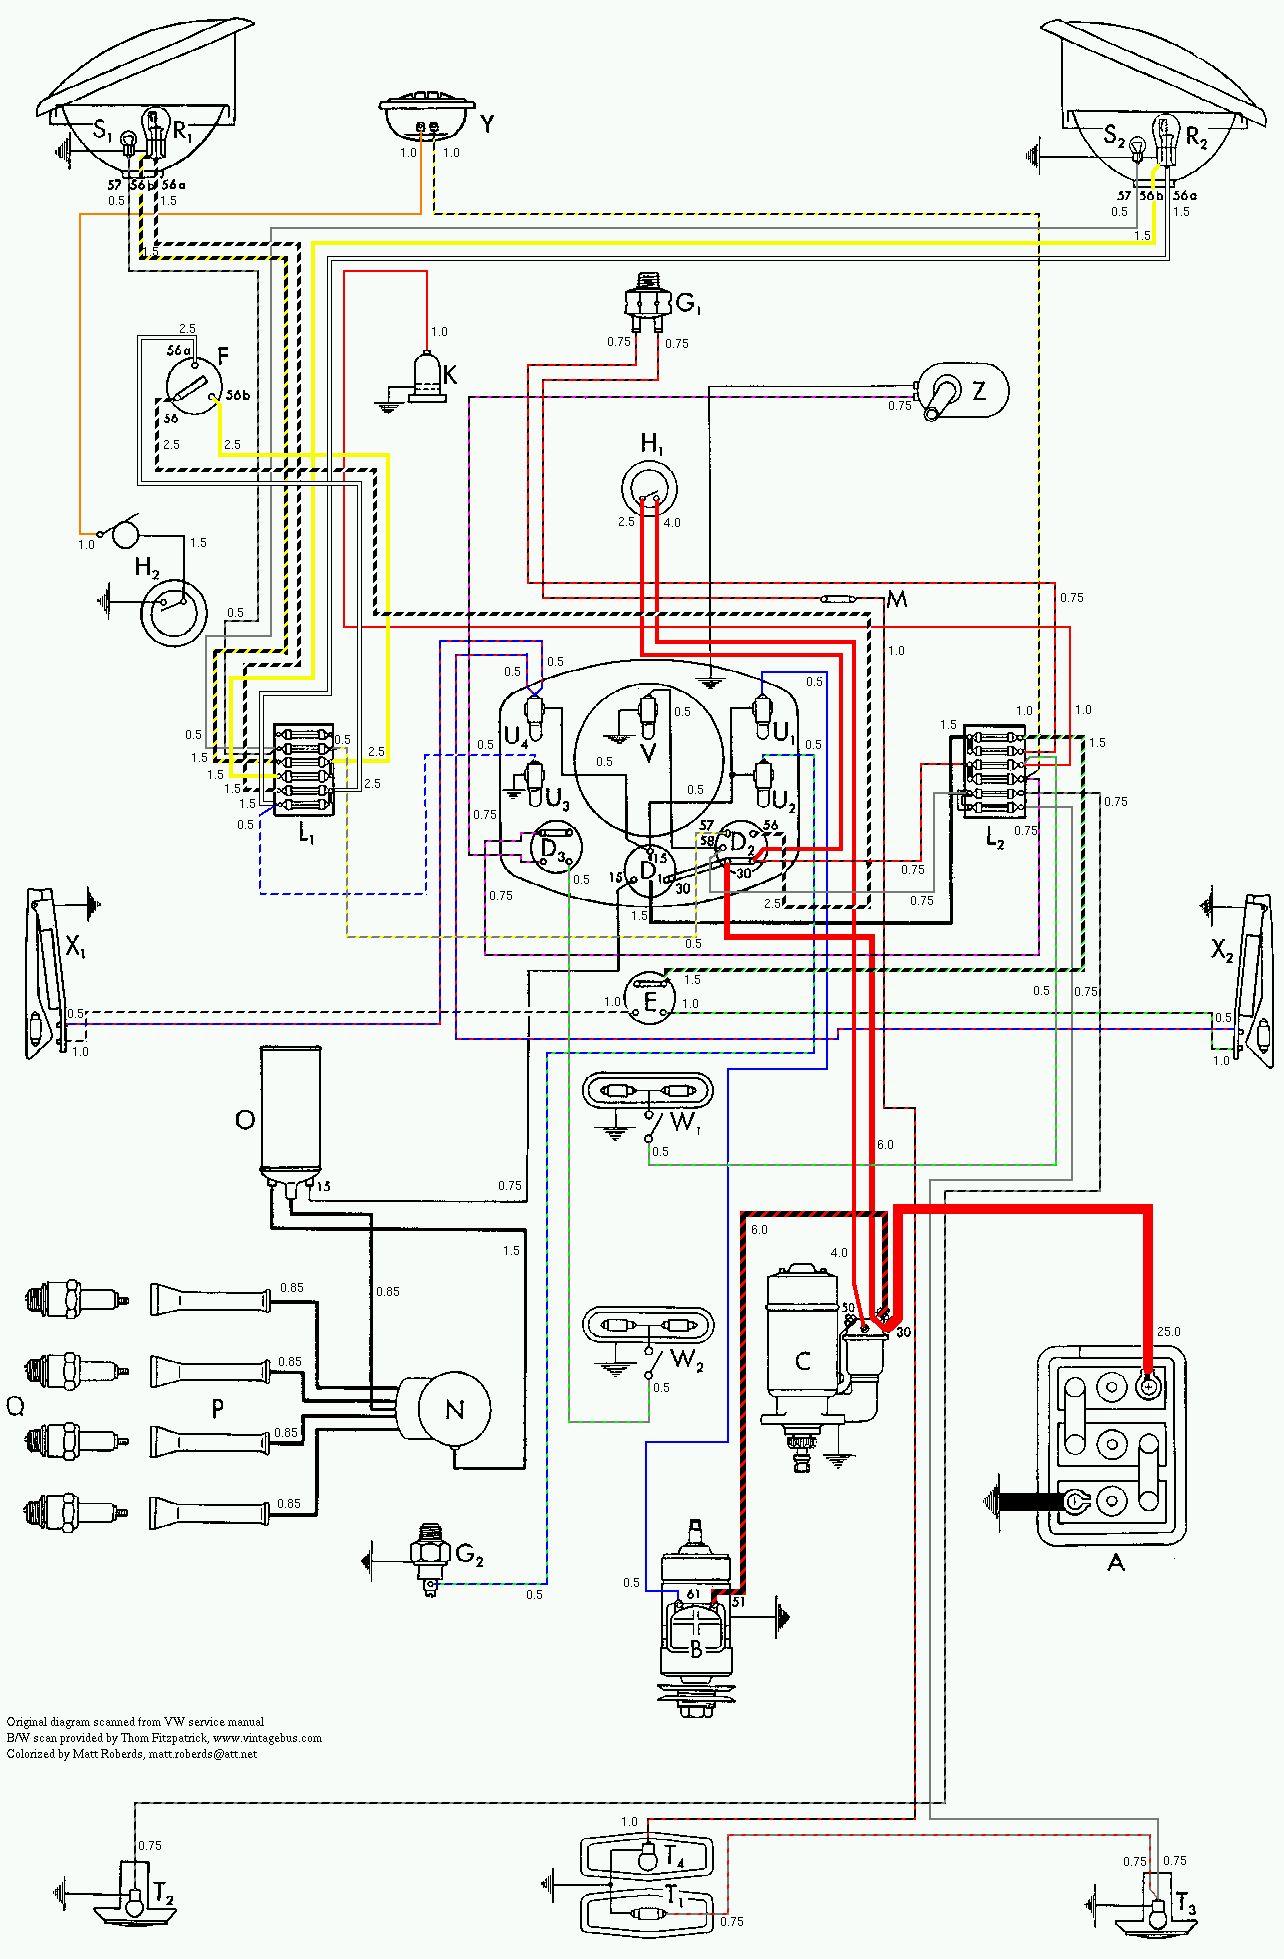 1978 vw bus wiring diagram cat5 phone diagrams